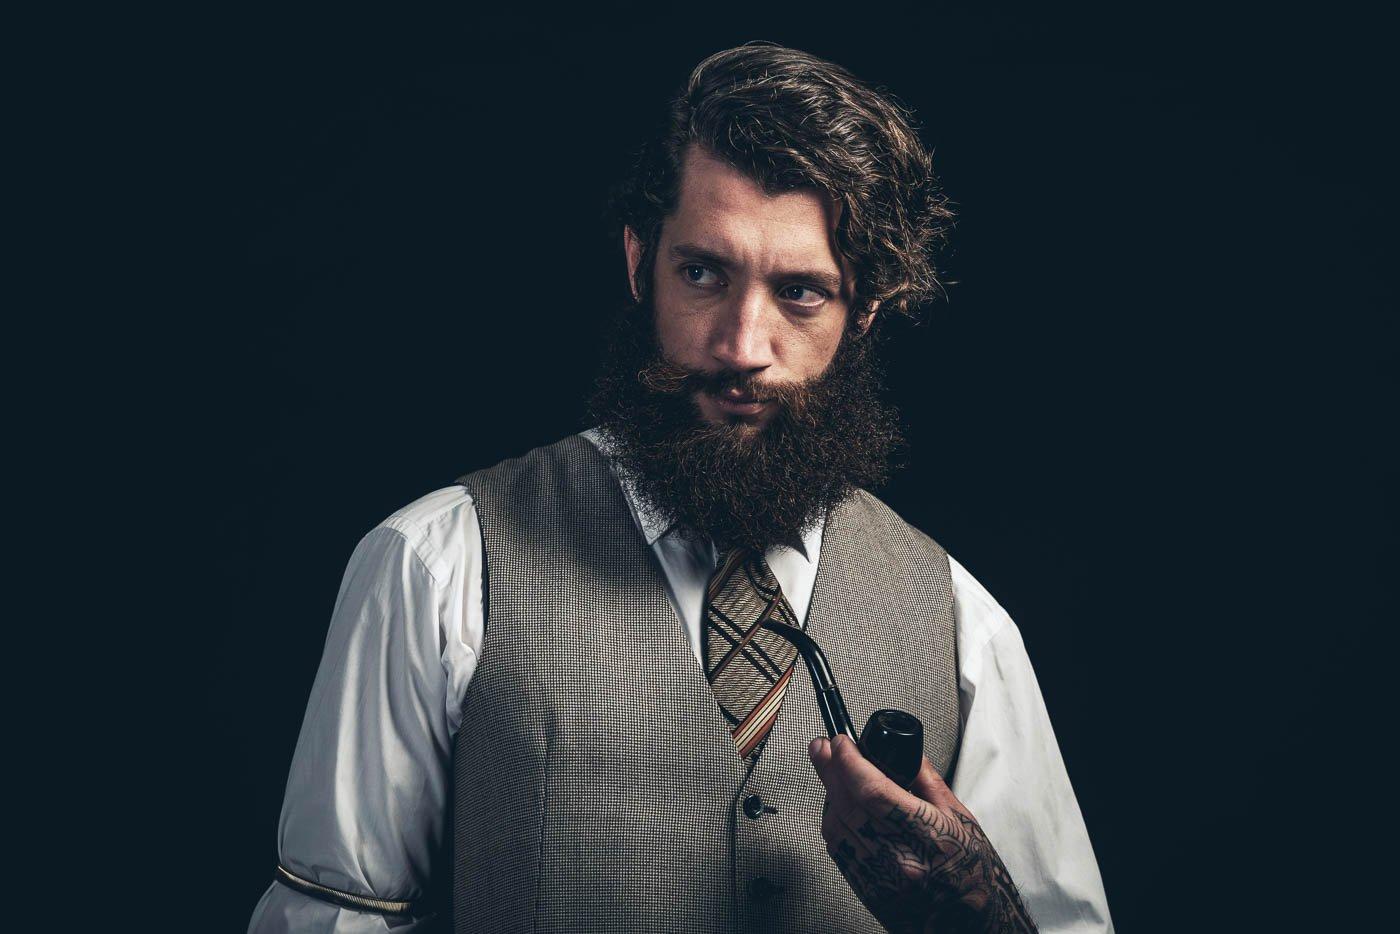 Hipster Matrimonio Uomo : Atitude dicas de conquista para homens com